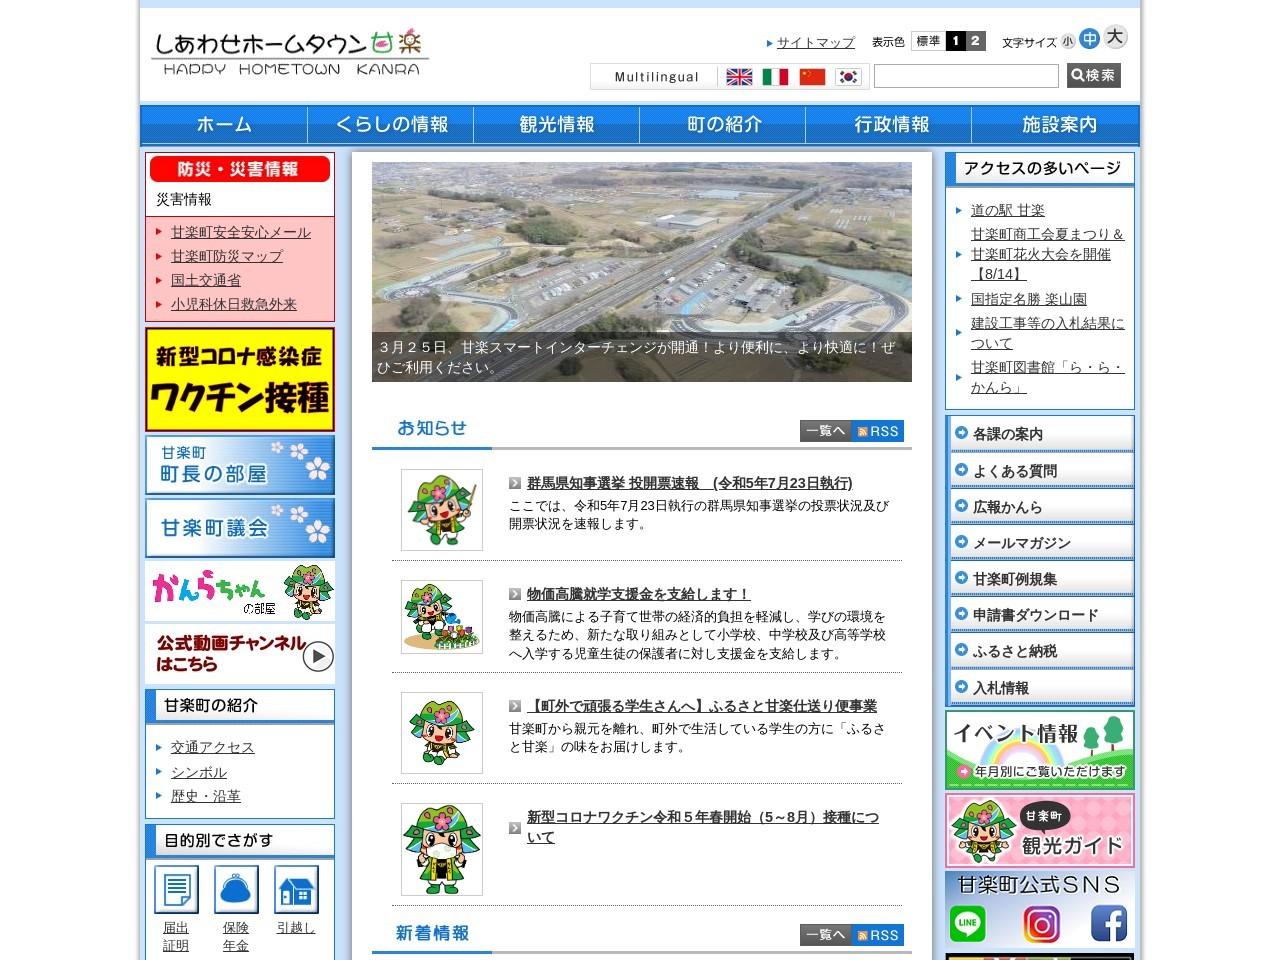 甘楽町ホームページ